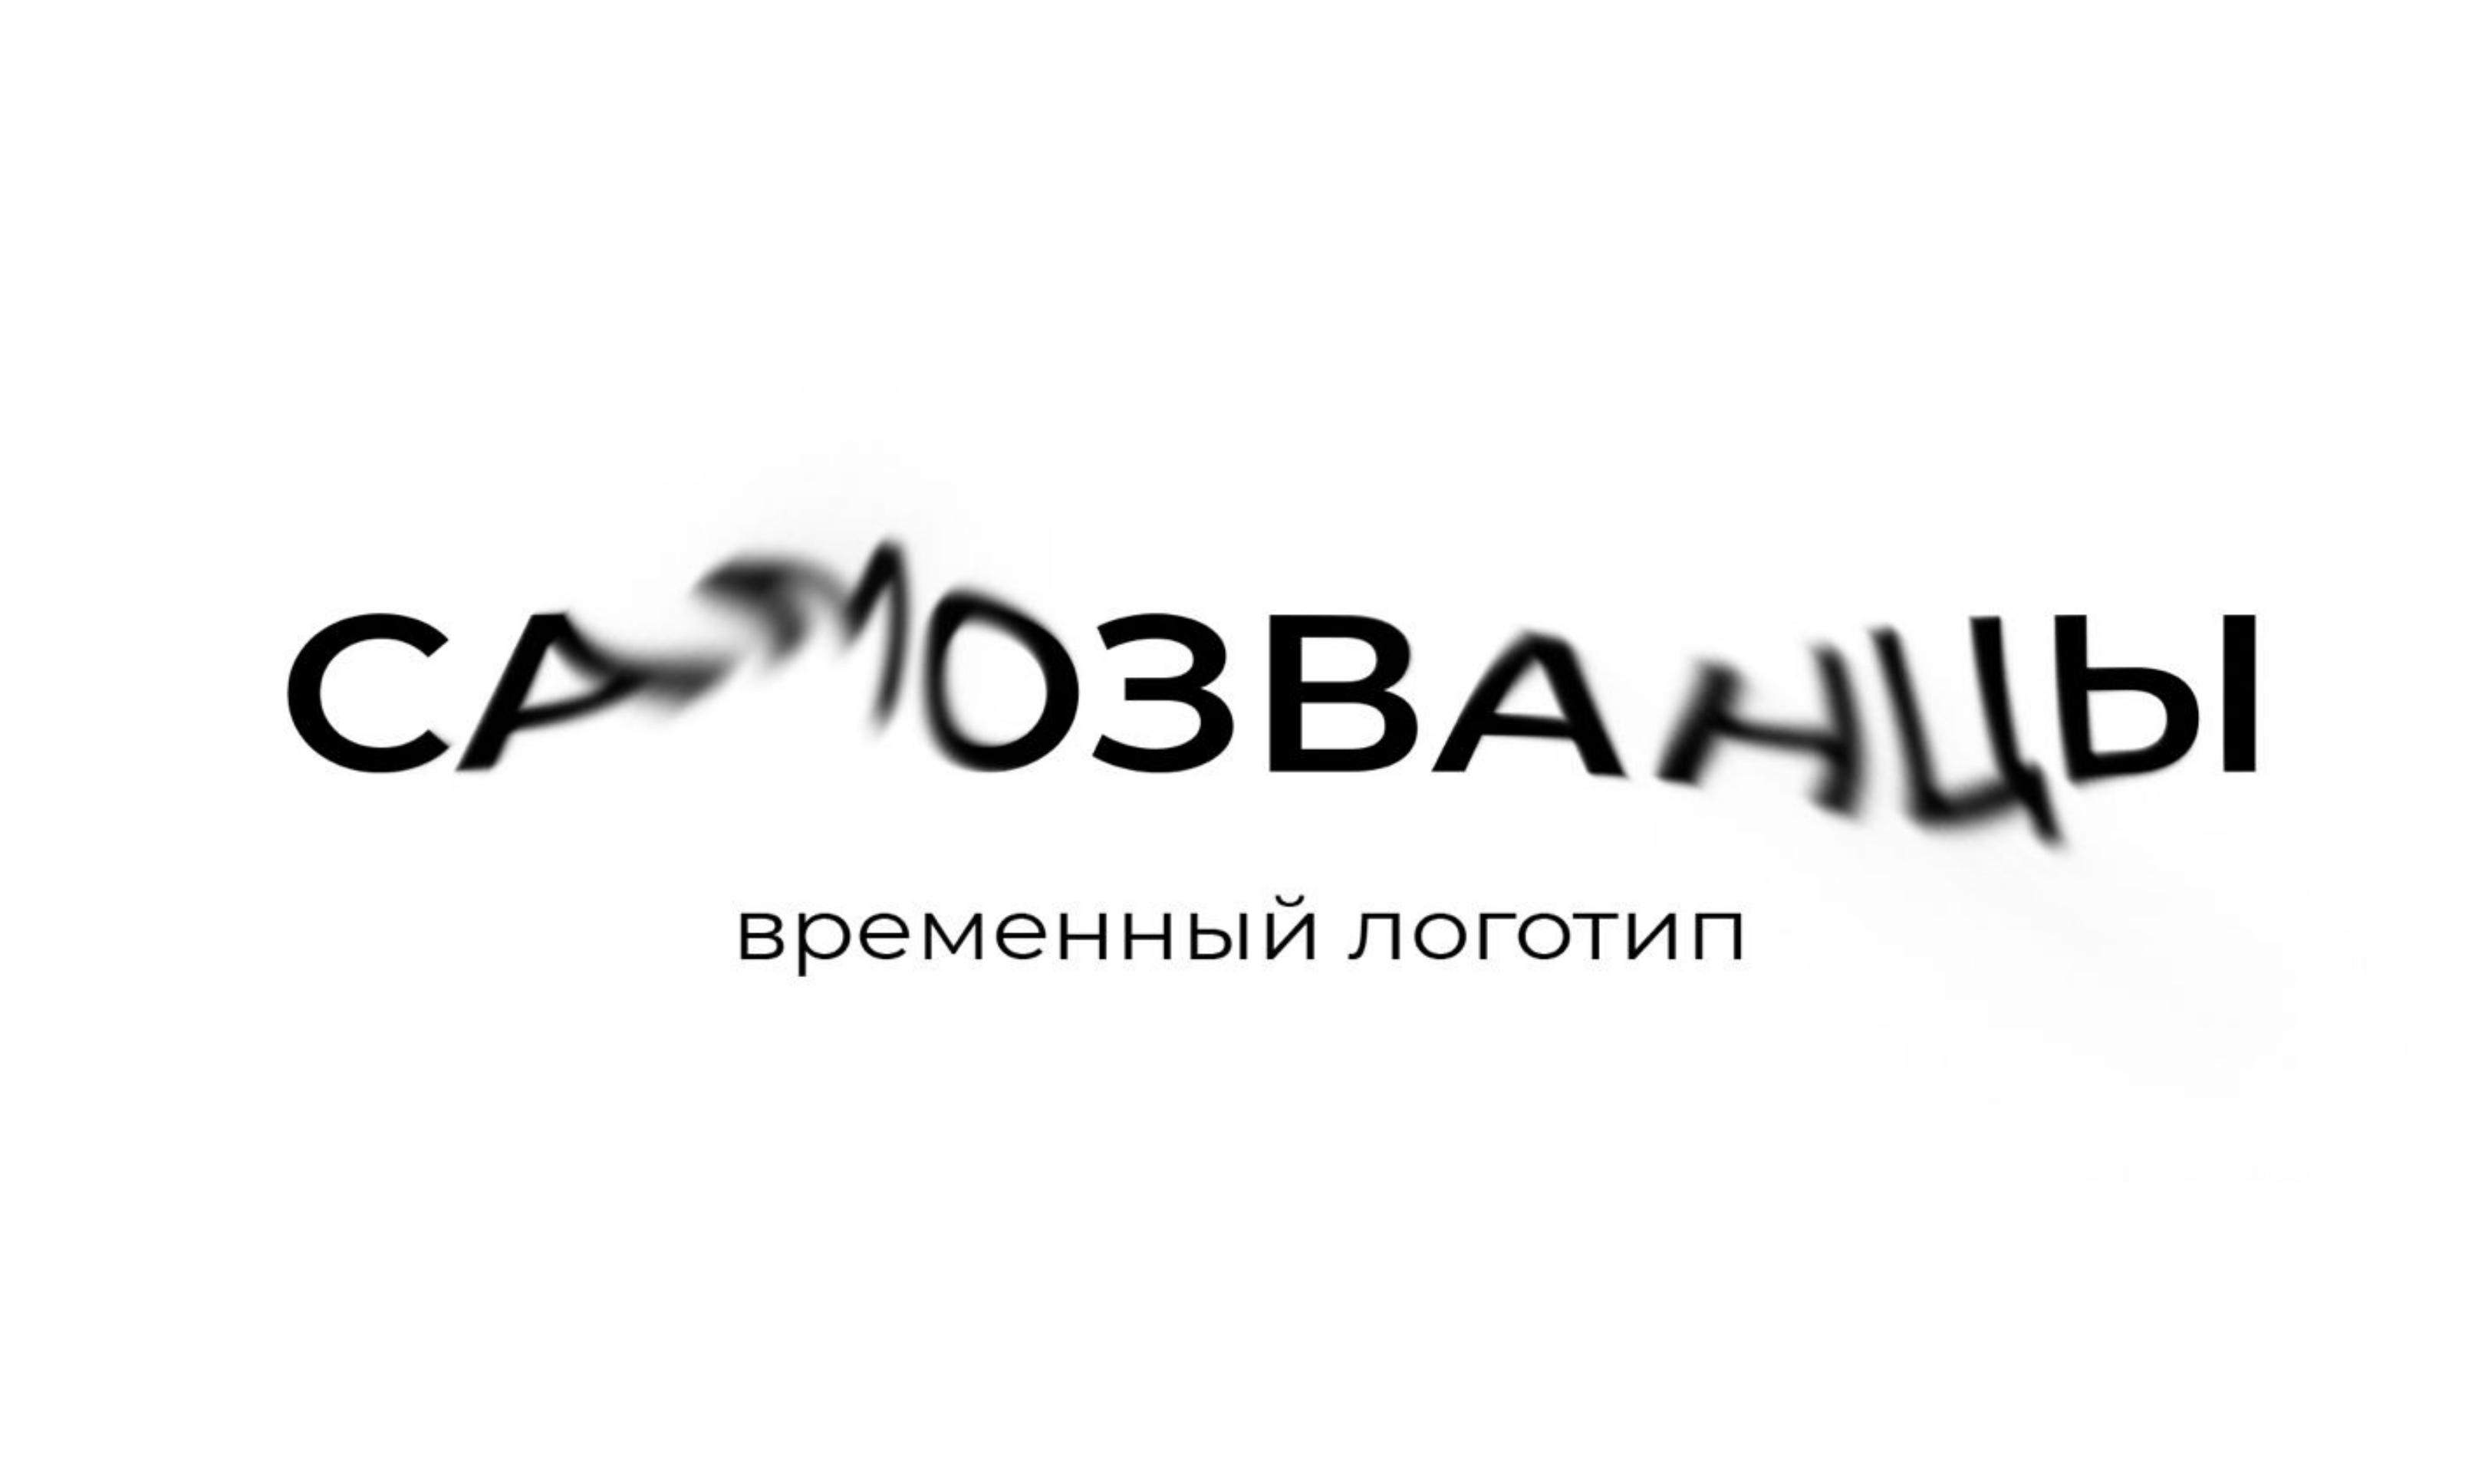 В Екатеринбурге придумывают новое медиа